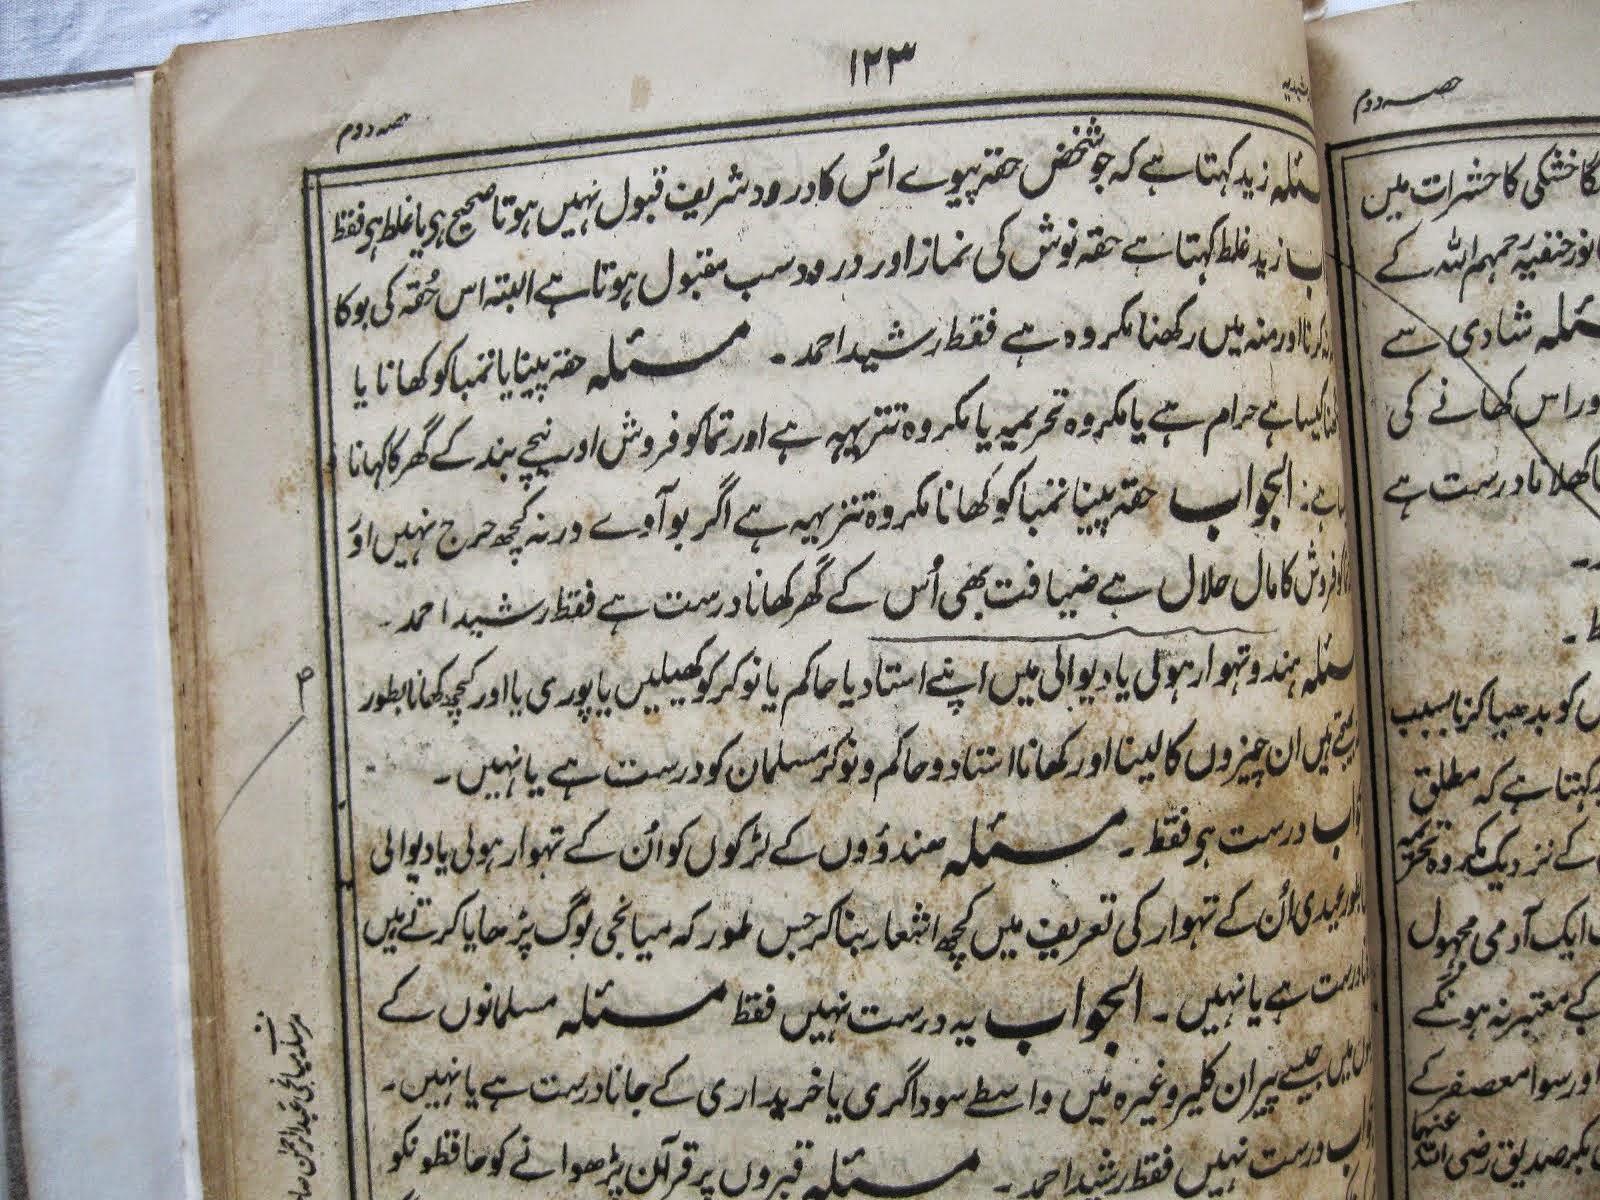 Prasad Khana Durust